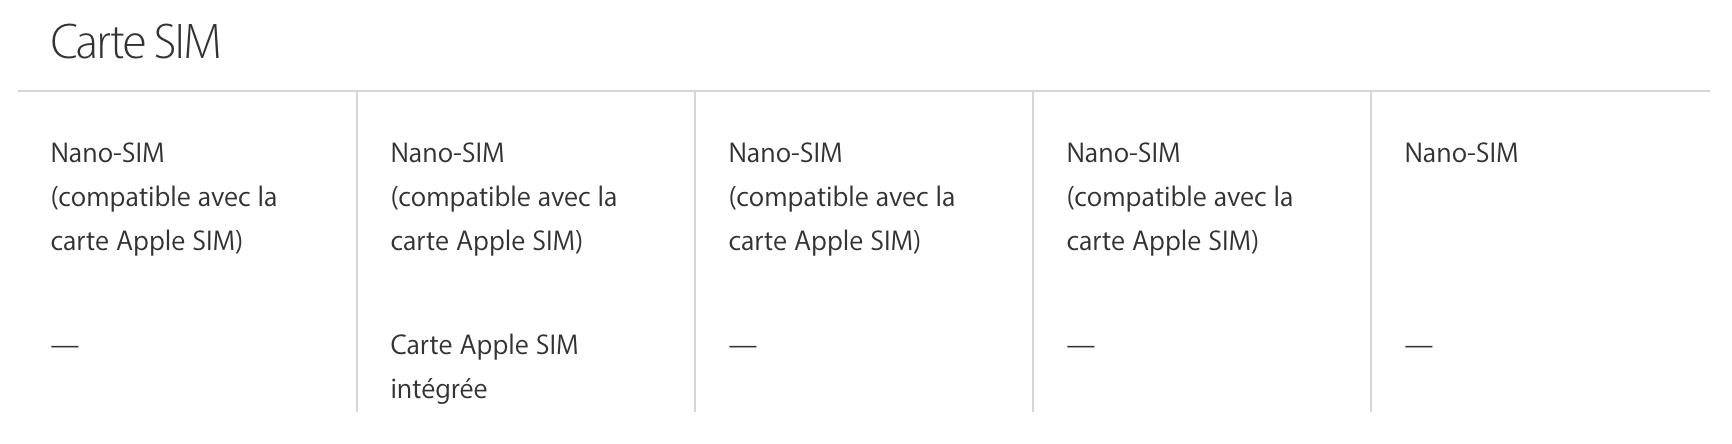 carte sim Le nouvel iPad Pro dispose dune Apple SIM intégrée